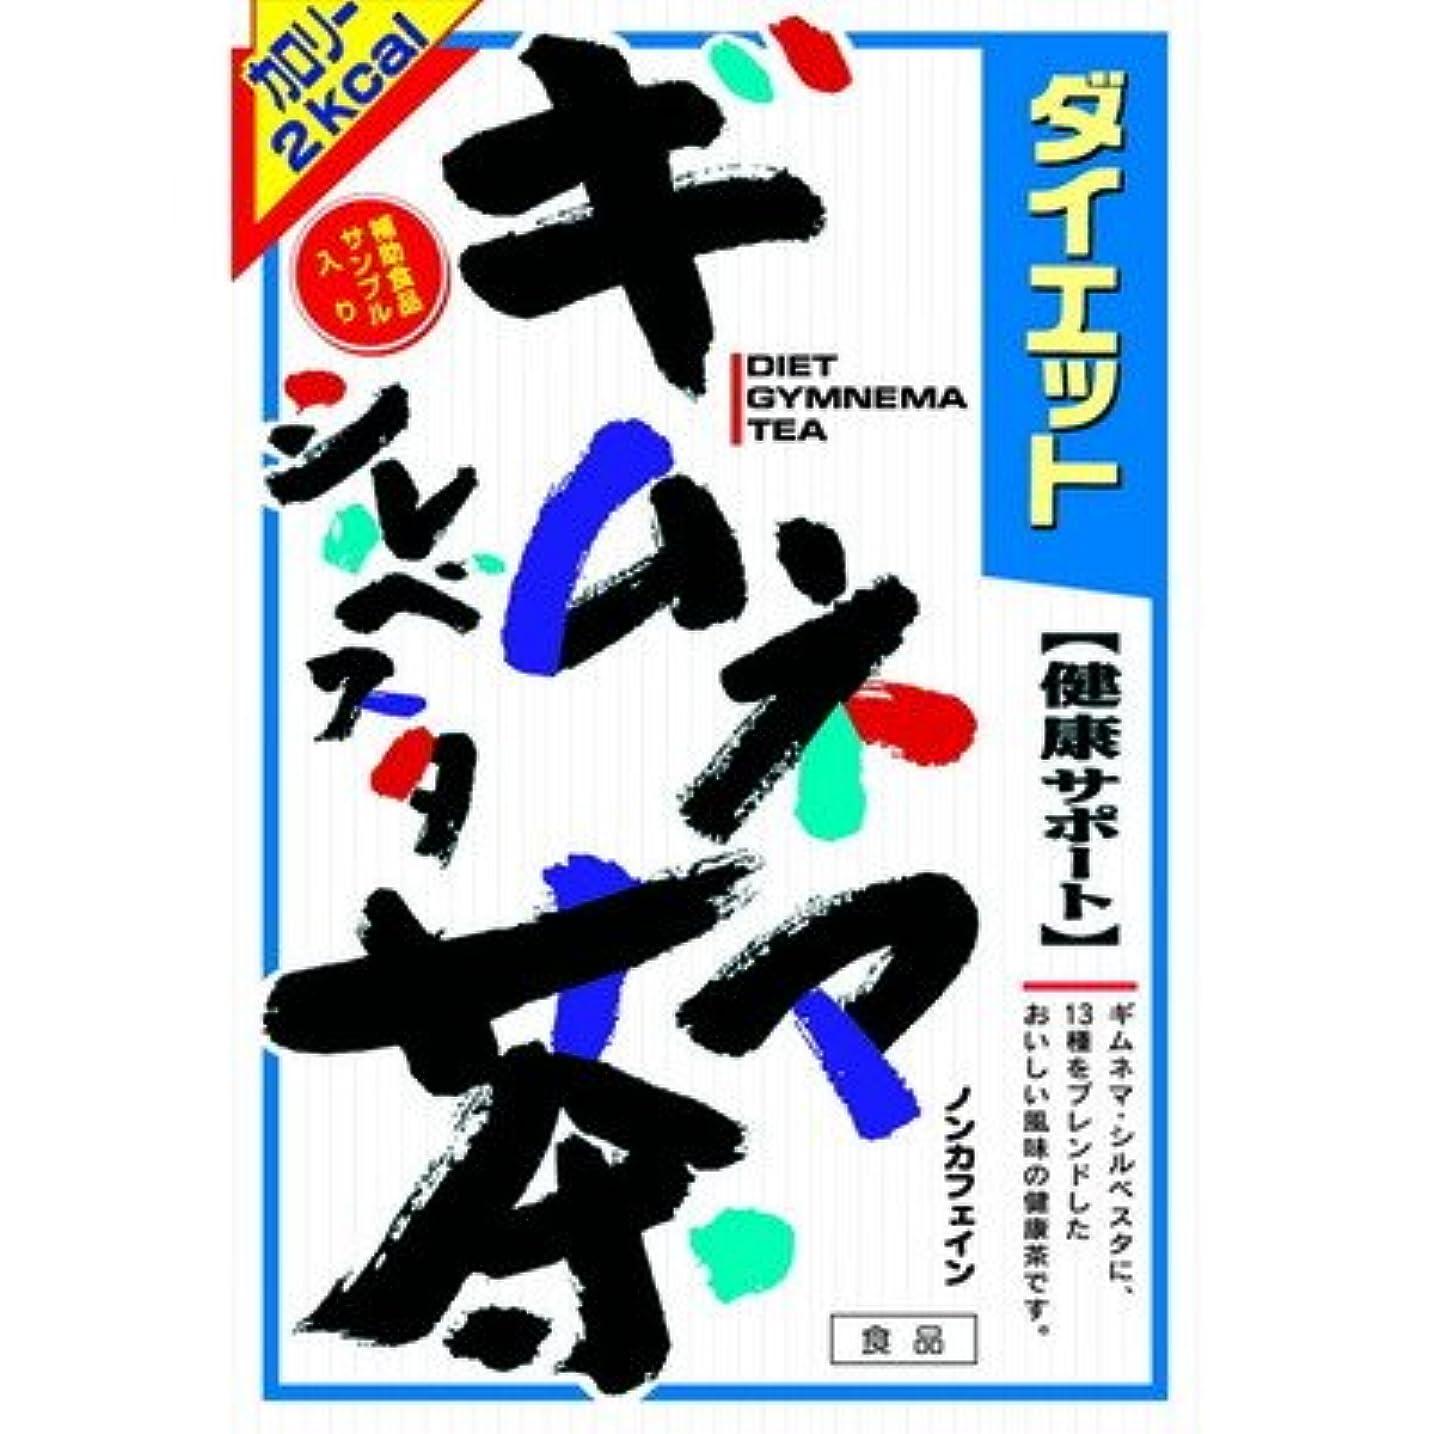 持参バブル体山本漢方 ダイエットギムネマシルベスタ茶 8g x 24包【2個セット】